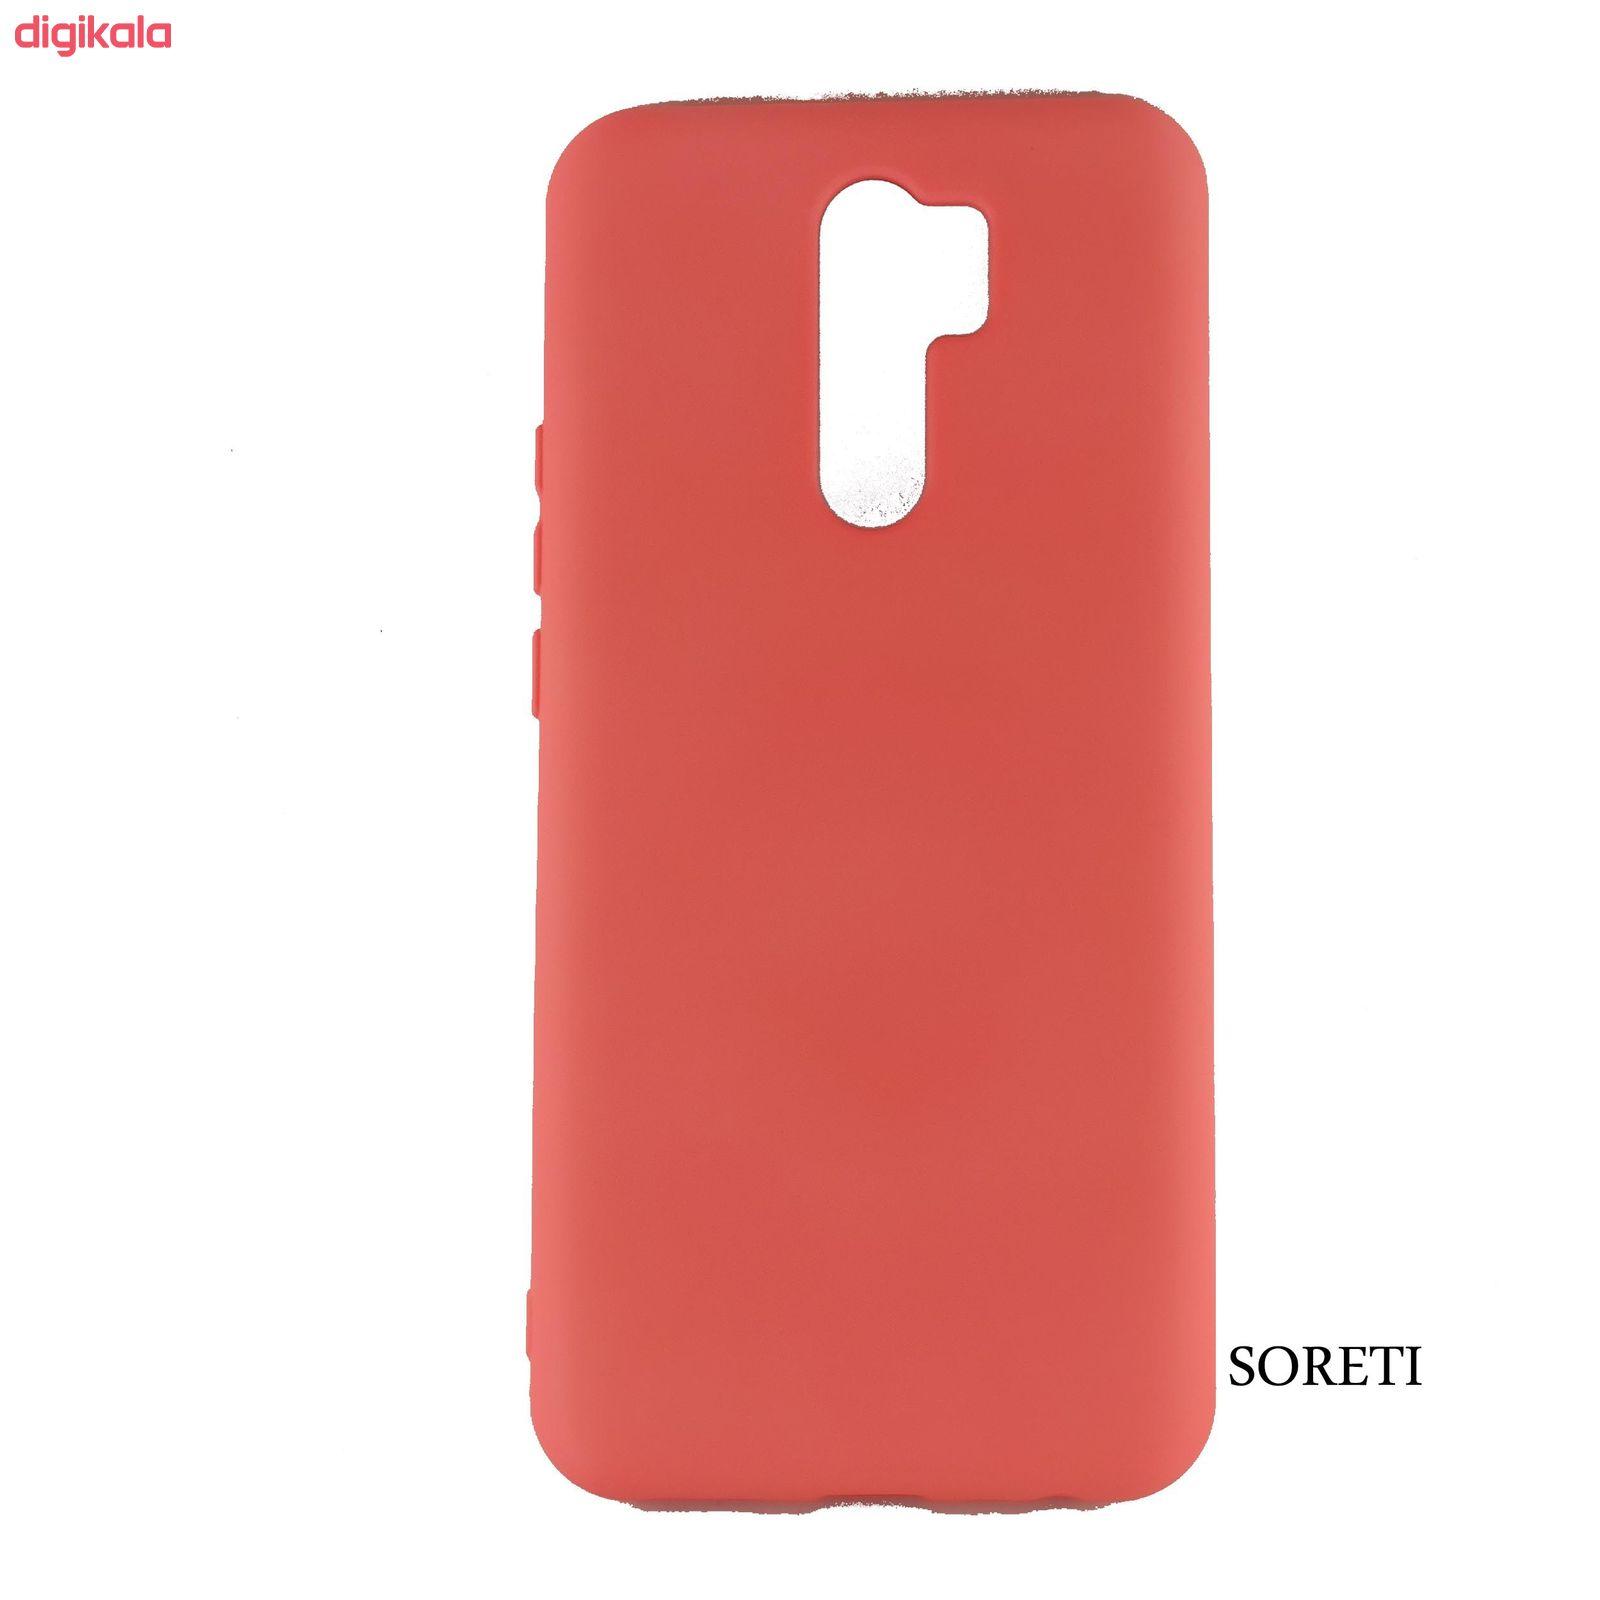 کاور مدل SIONI مناسب برای گوشی موبایل شیائومی Redmi 9/9 prim main 1 11